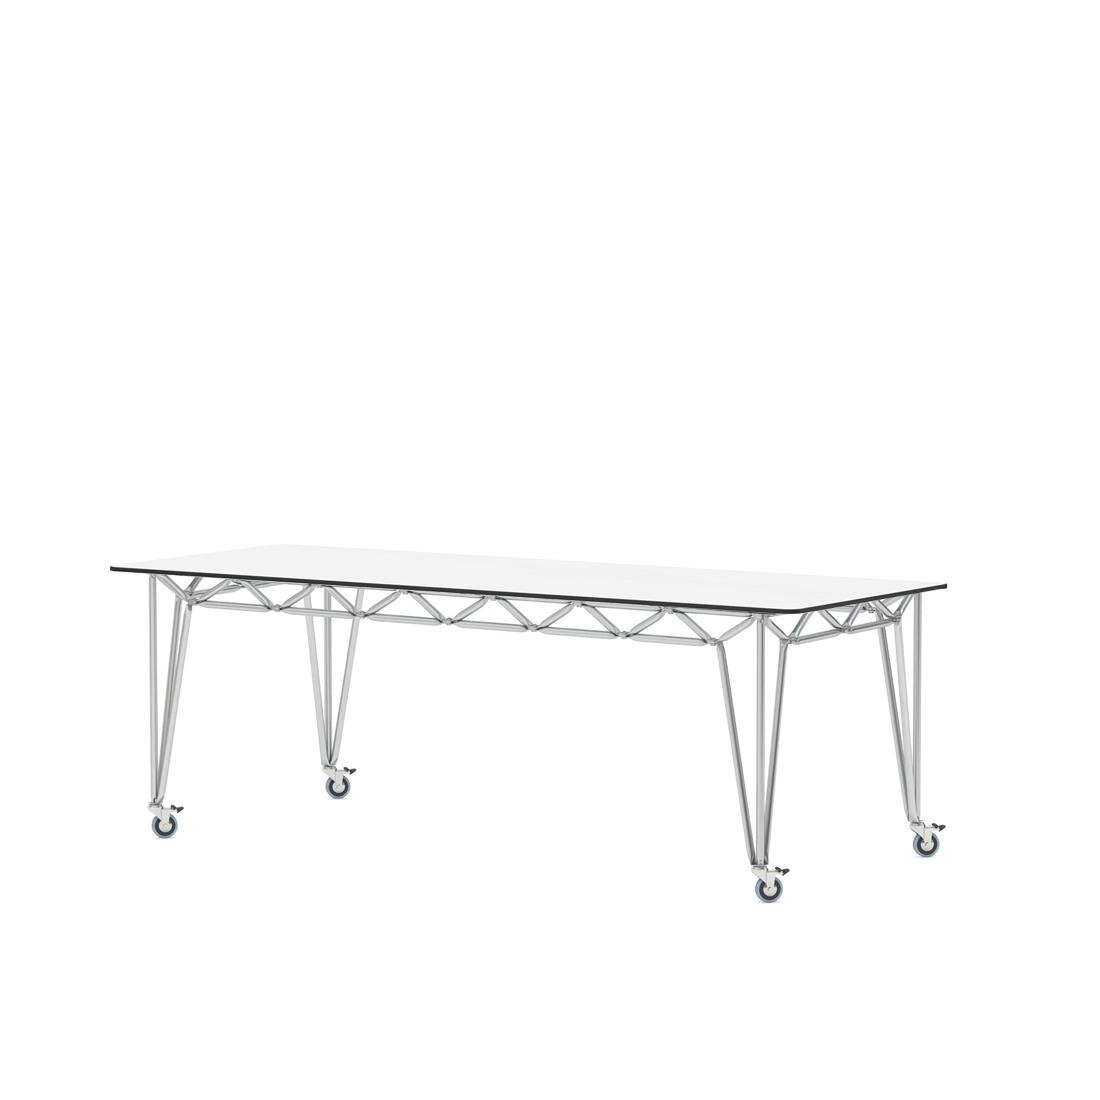 Tisch edelstahlgestell bridge m 205x97 wei glas for Design thinking tisch